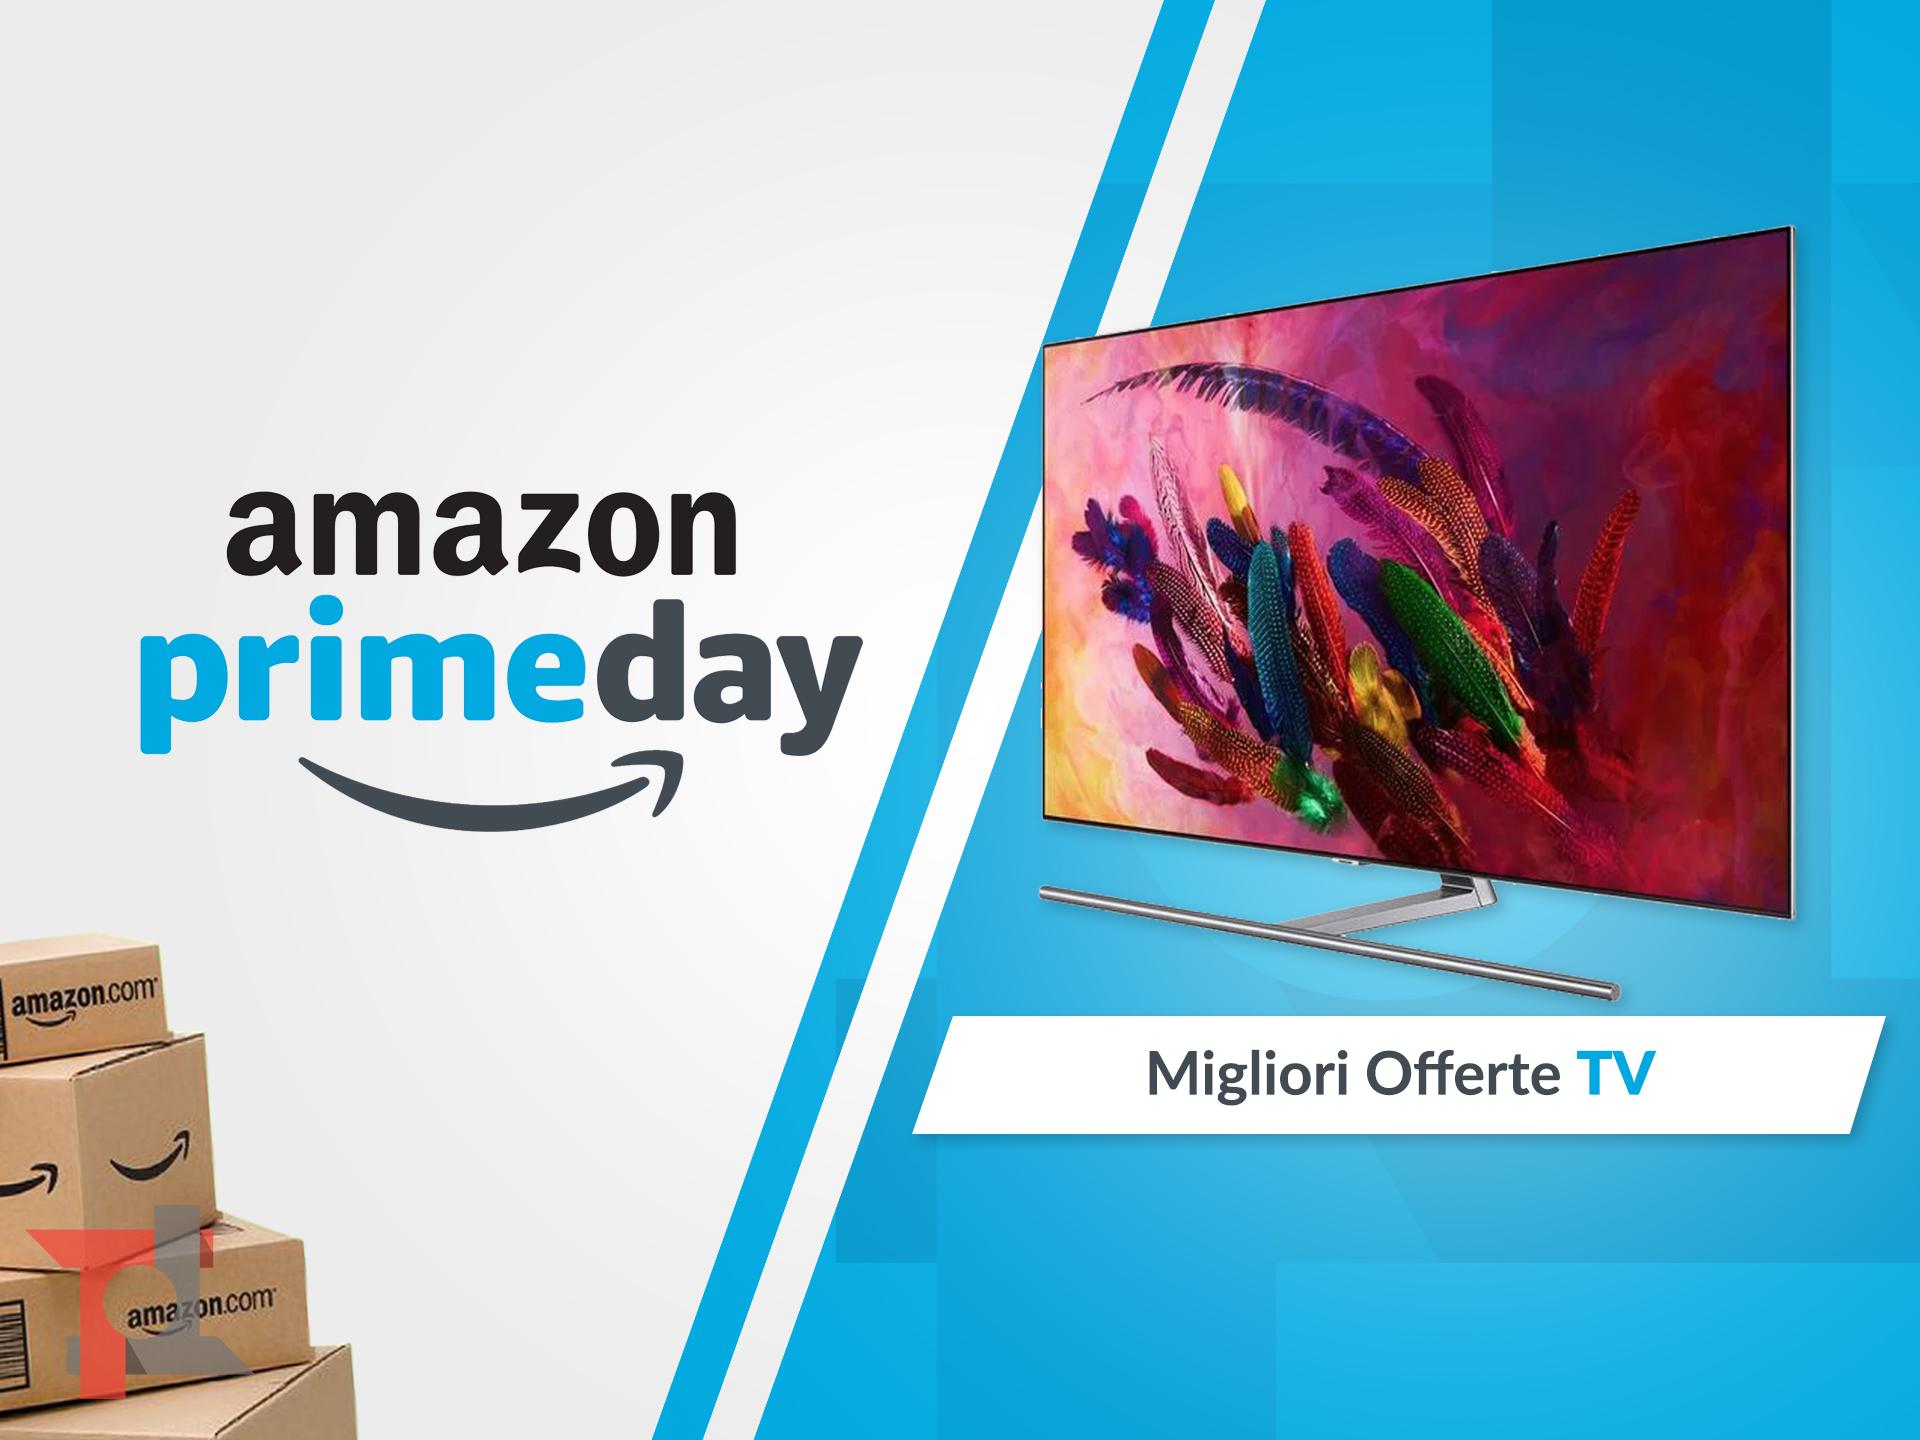 migliori offerte amazon prime day tv